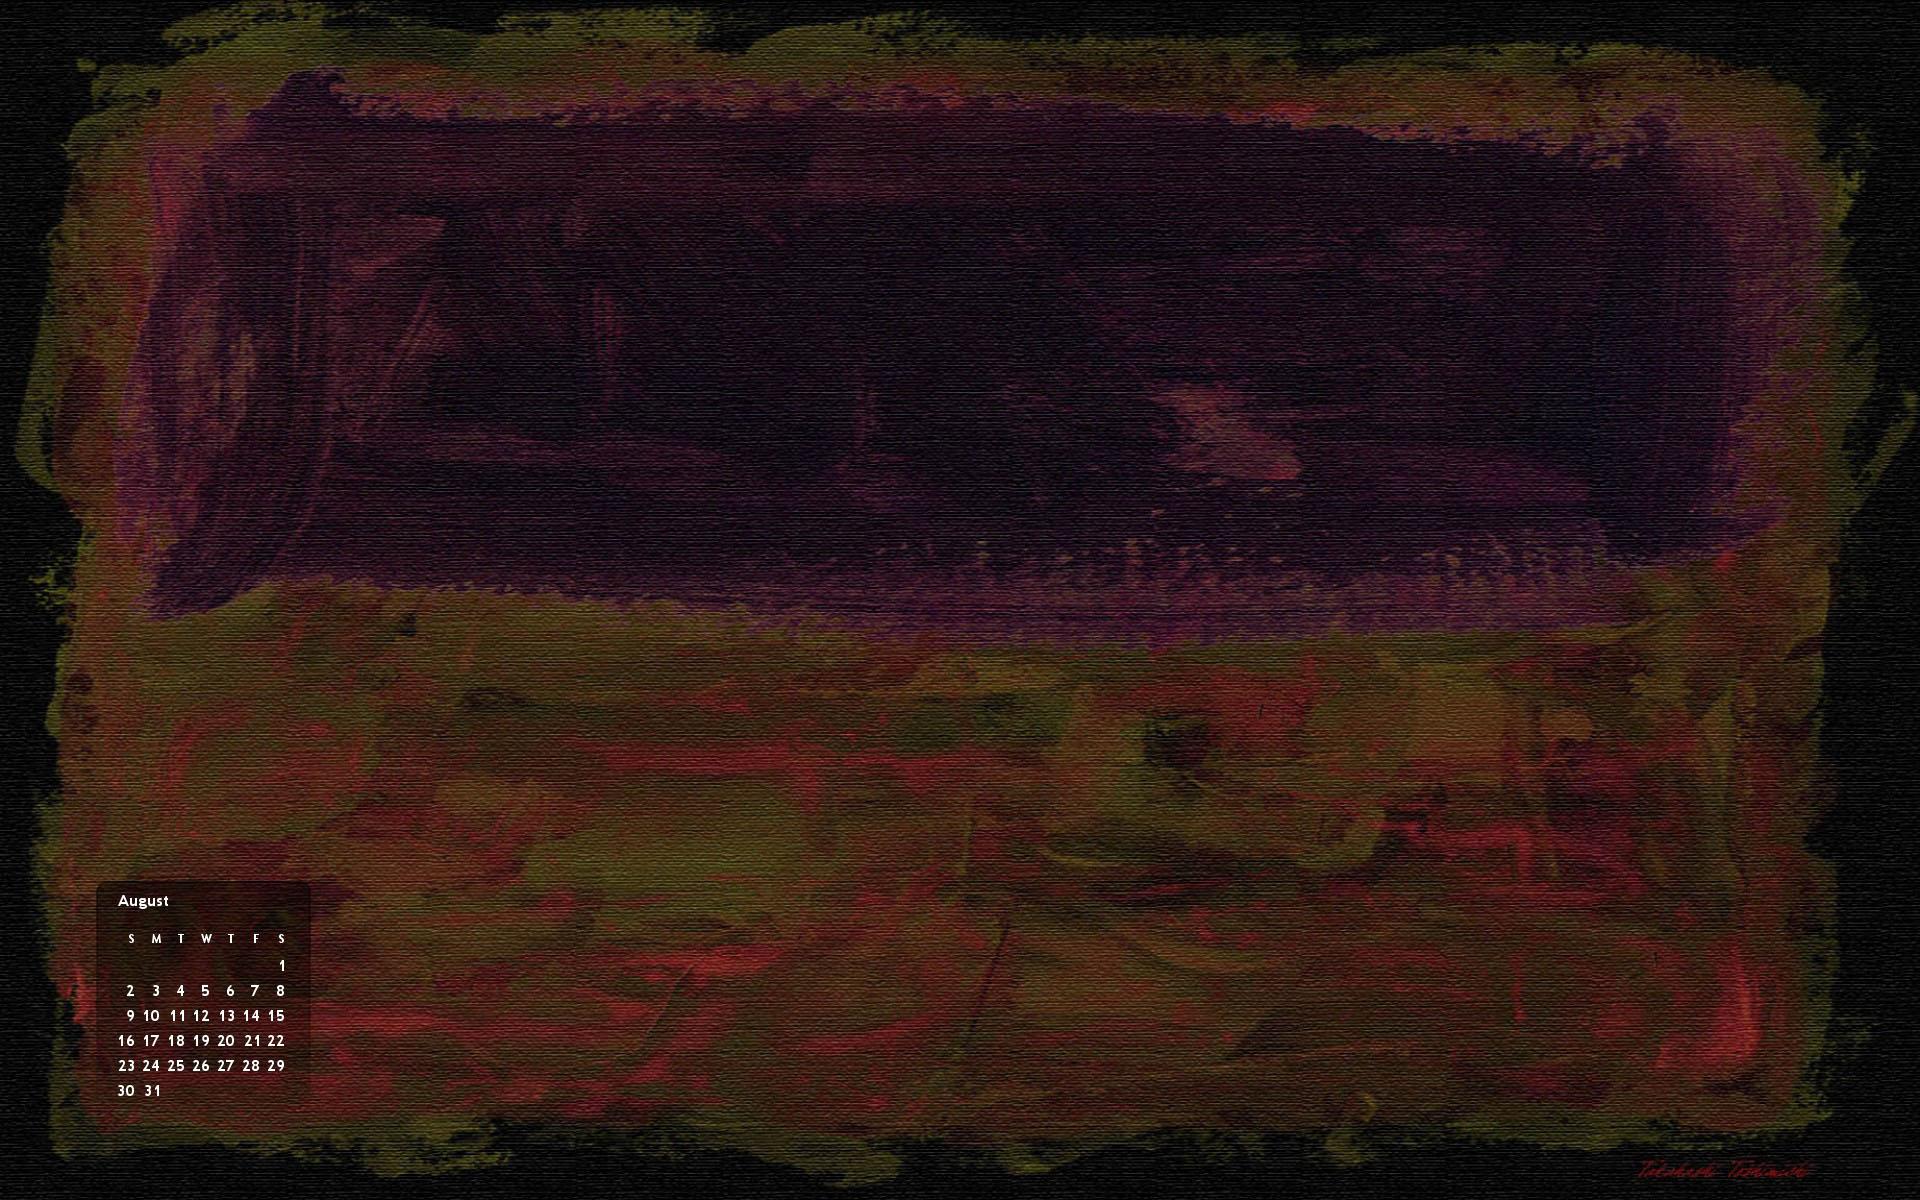 1981 マーク ロスコに 四匹の蟻 壁紙 Wide特大 1920 1200